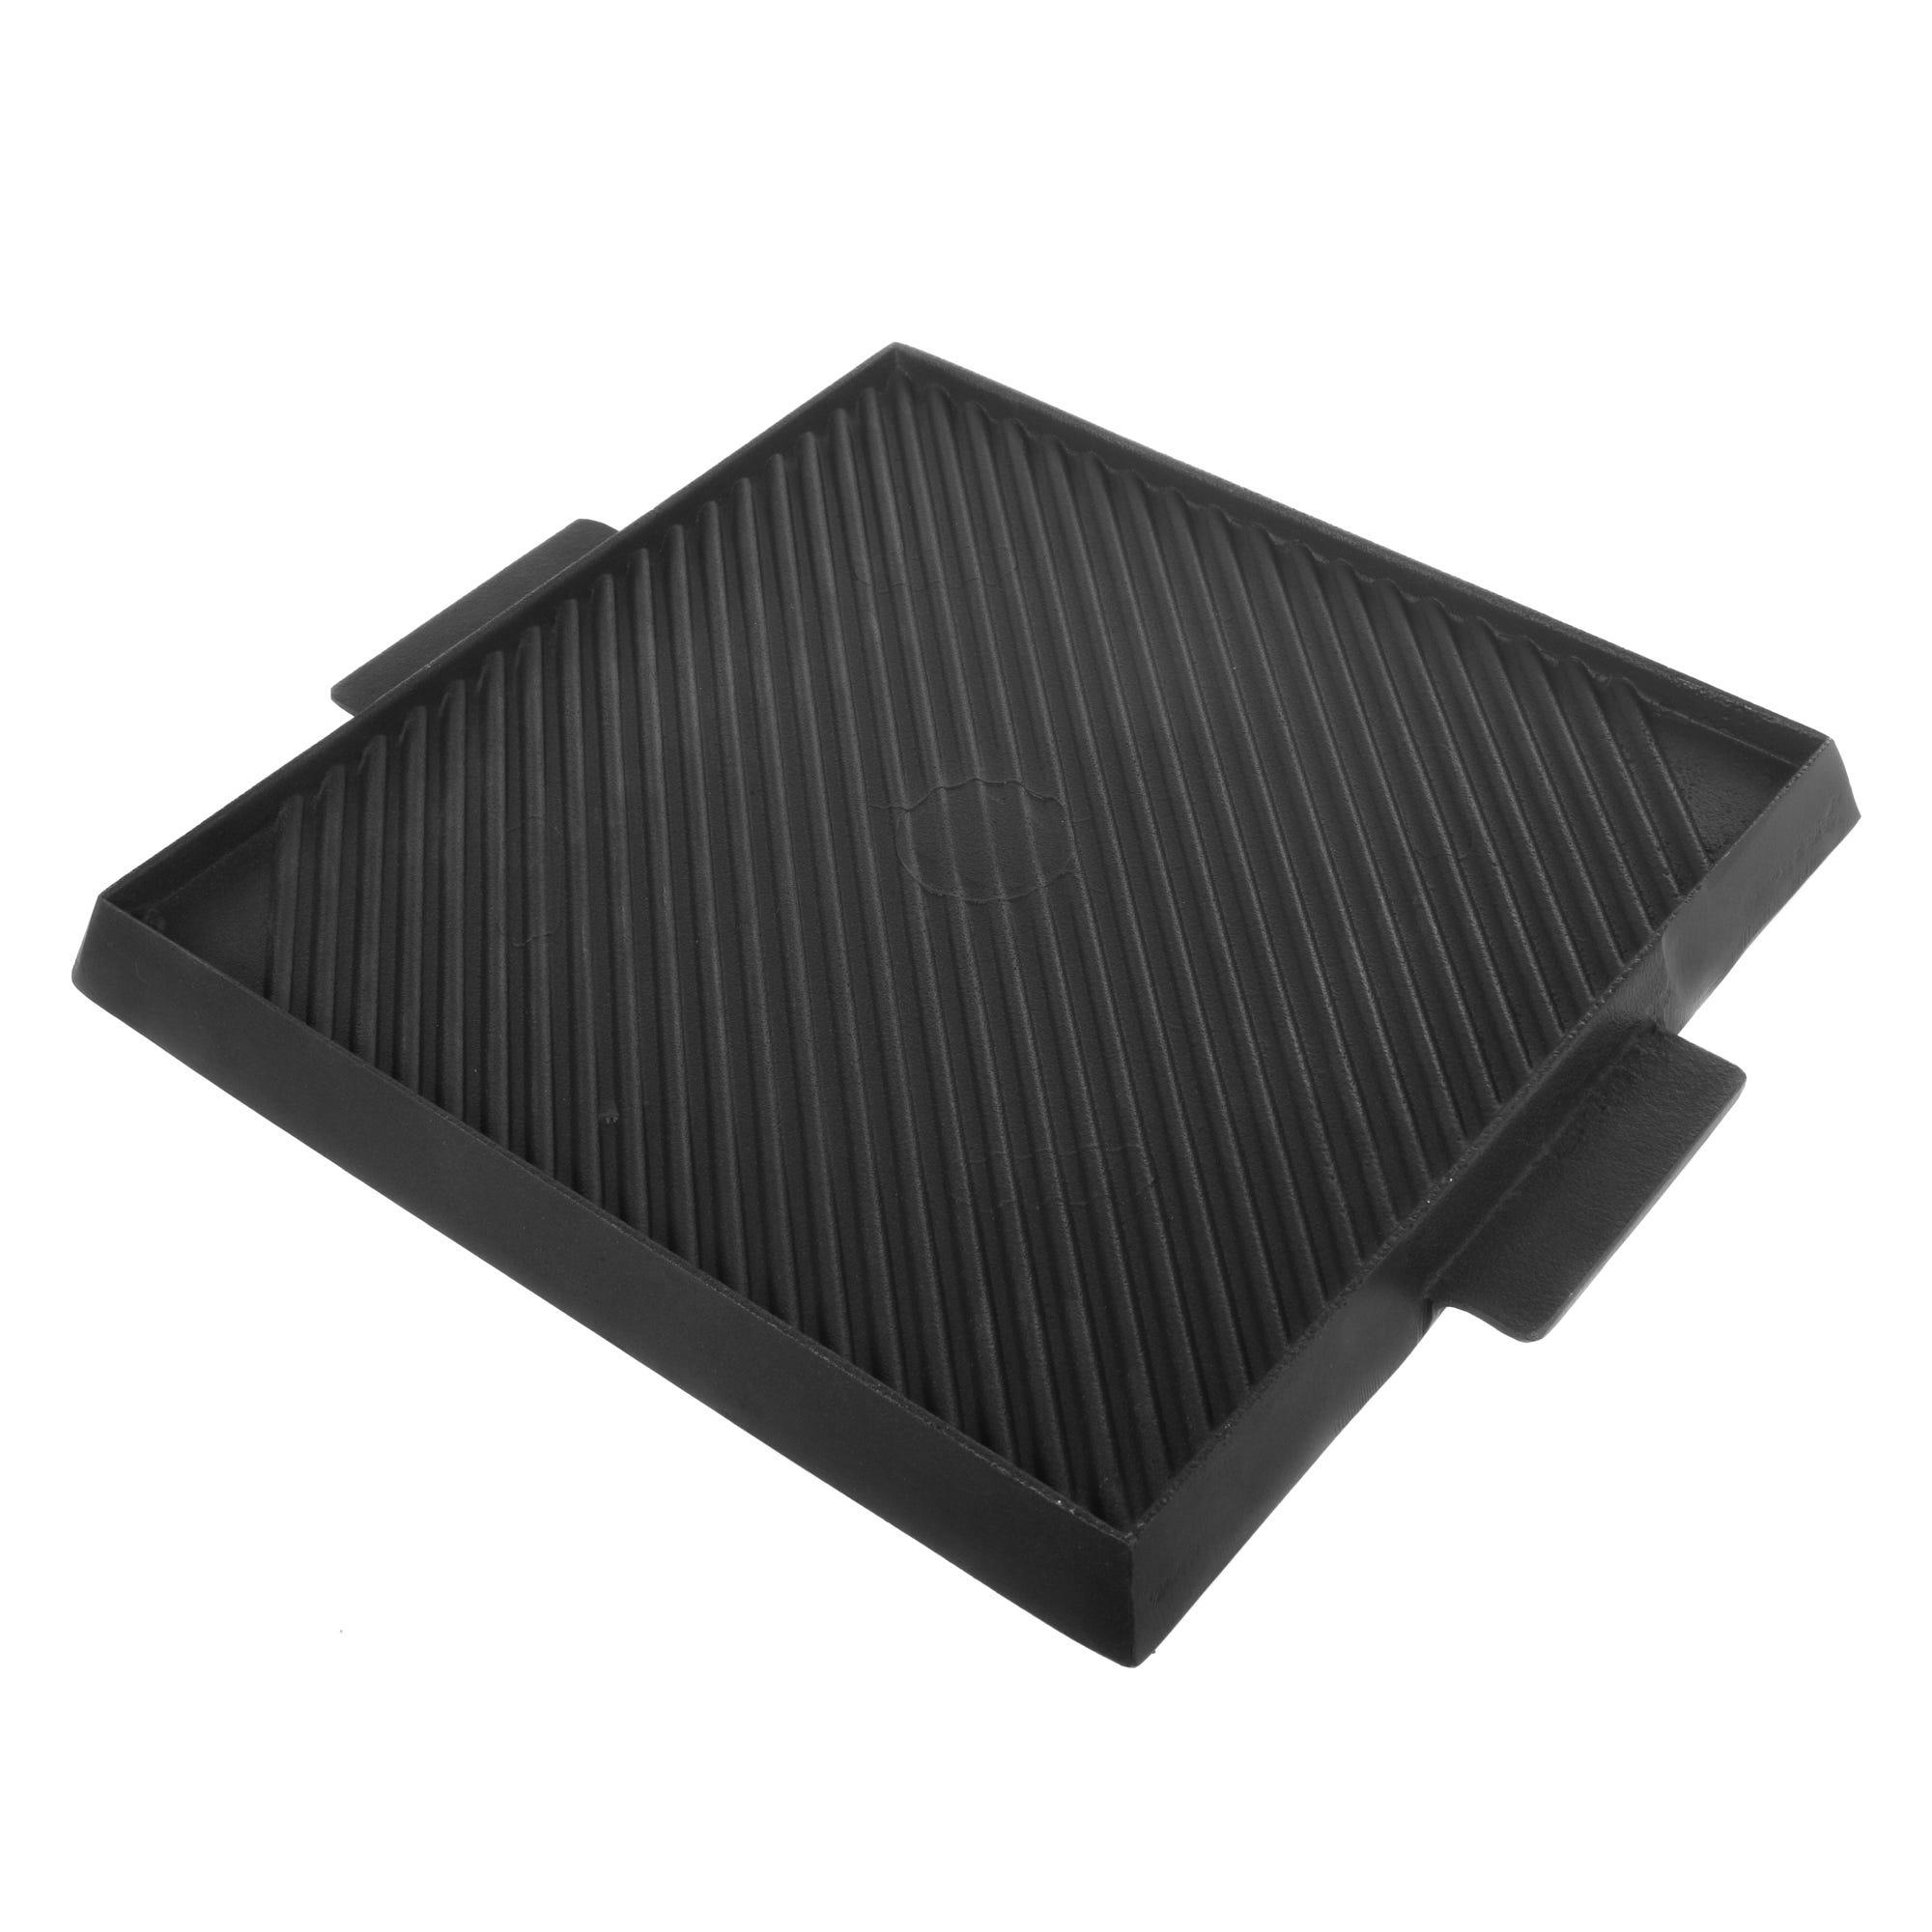 Plancha grill reversible de aluminio Cocinart color negro